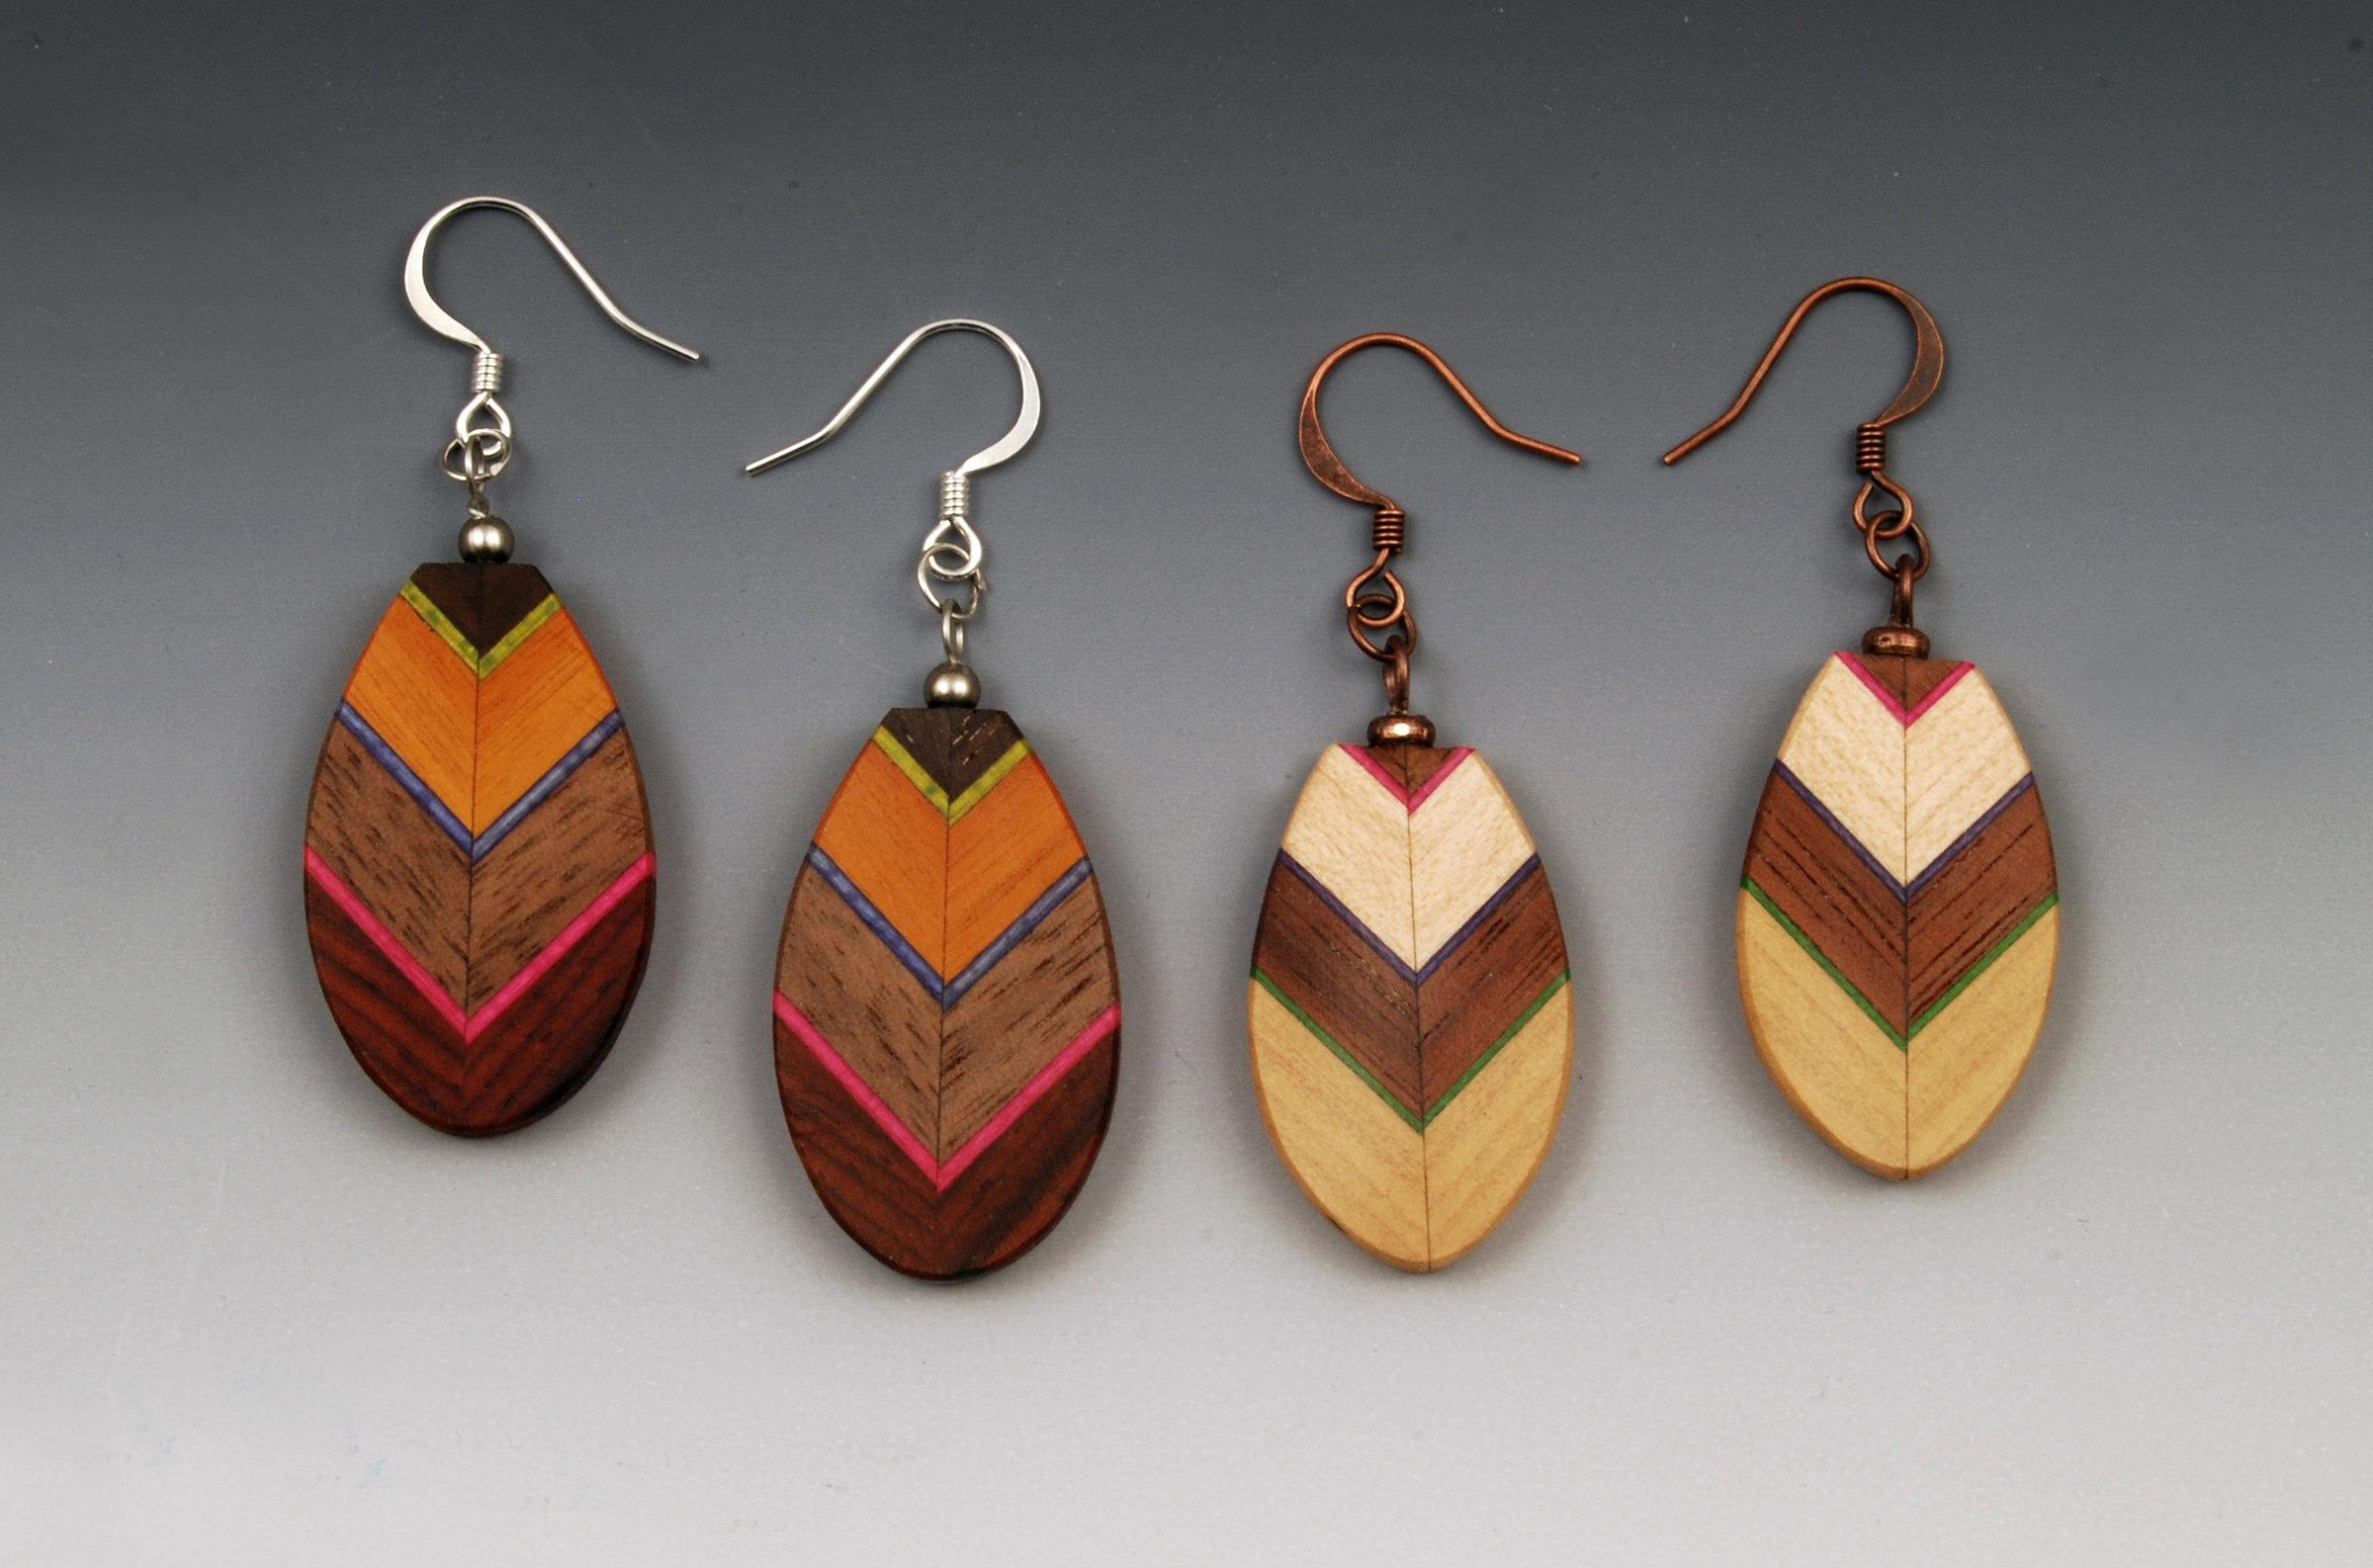 Wood earrings ebay